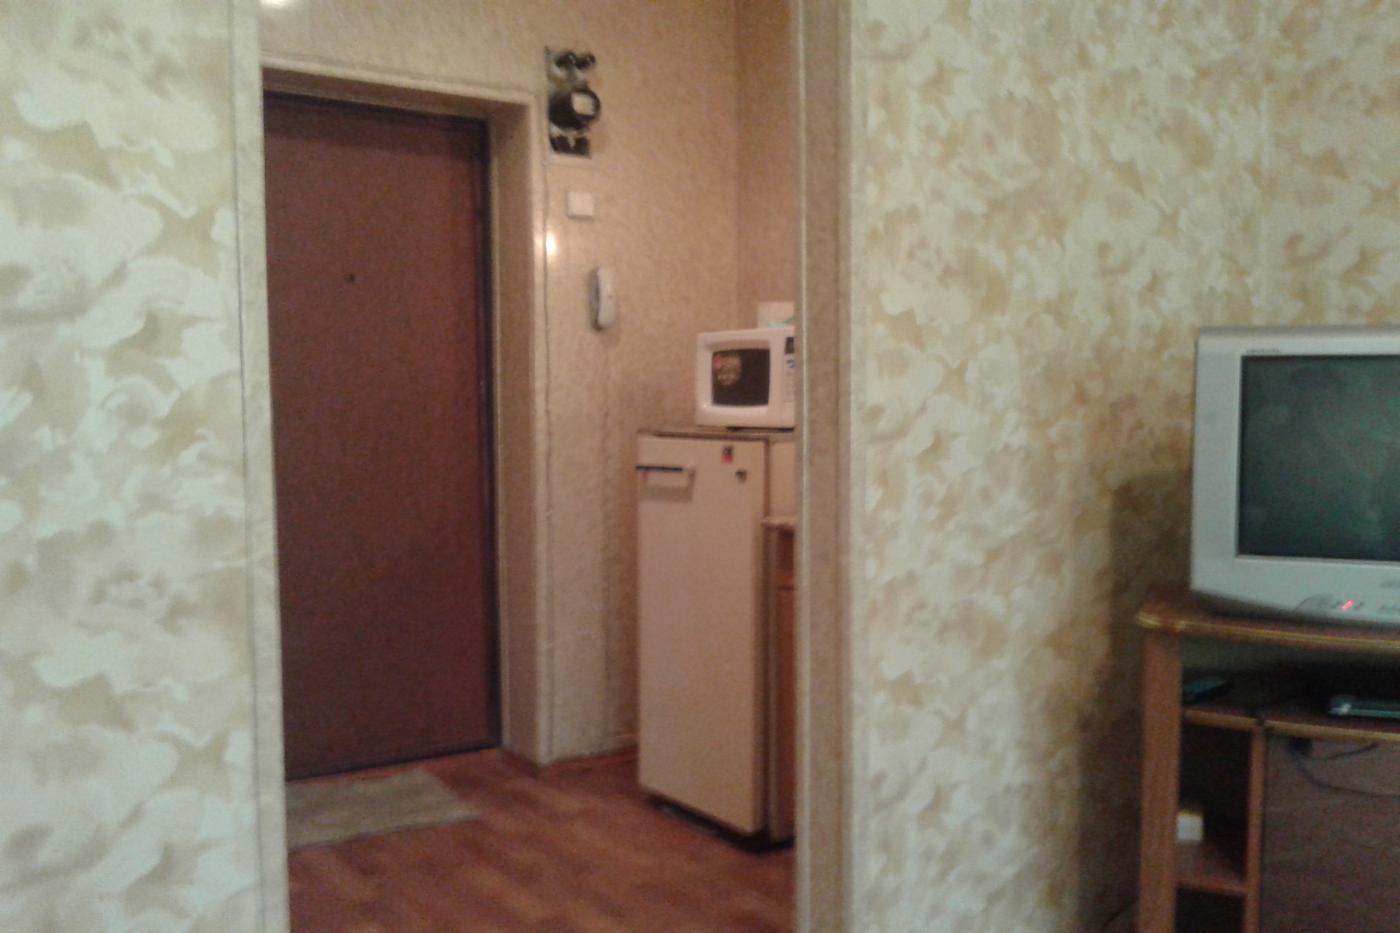 1-комнатная квартира посуточно (вариант № 1663), ул. Берёзовая роща, фото № 3